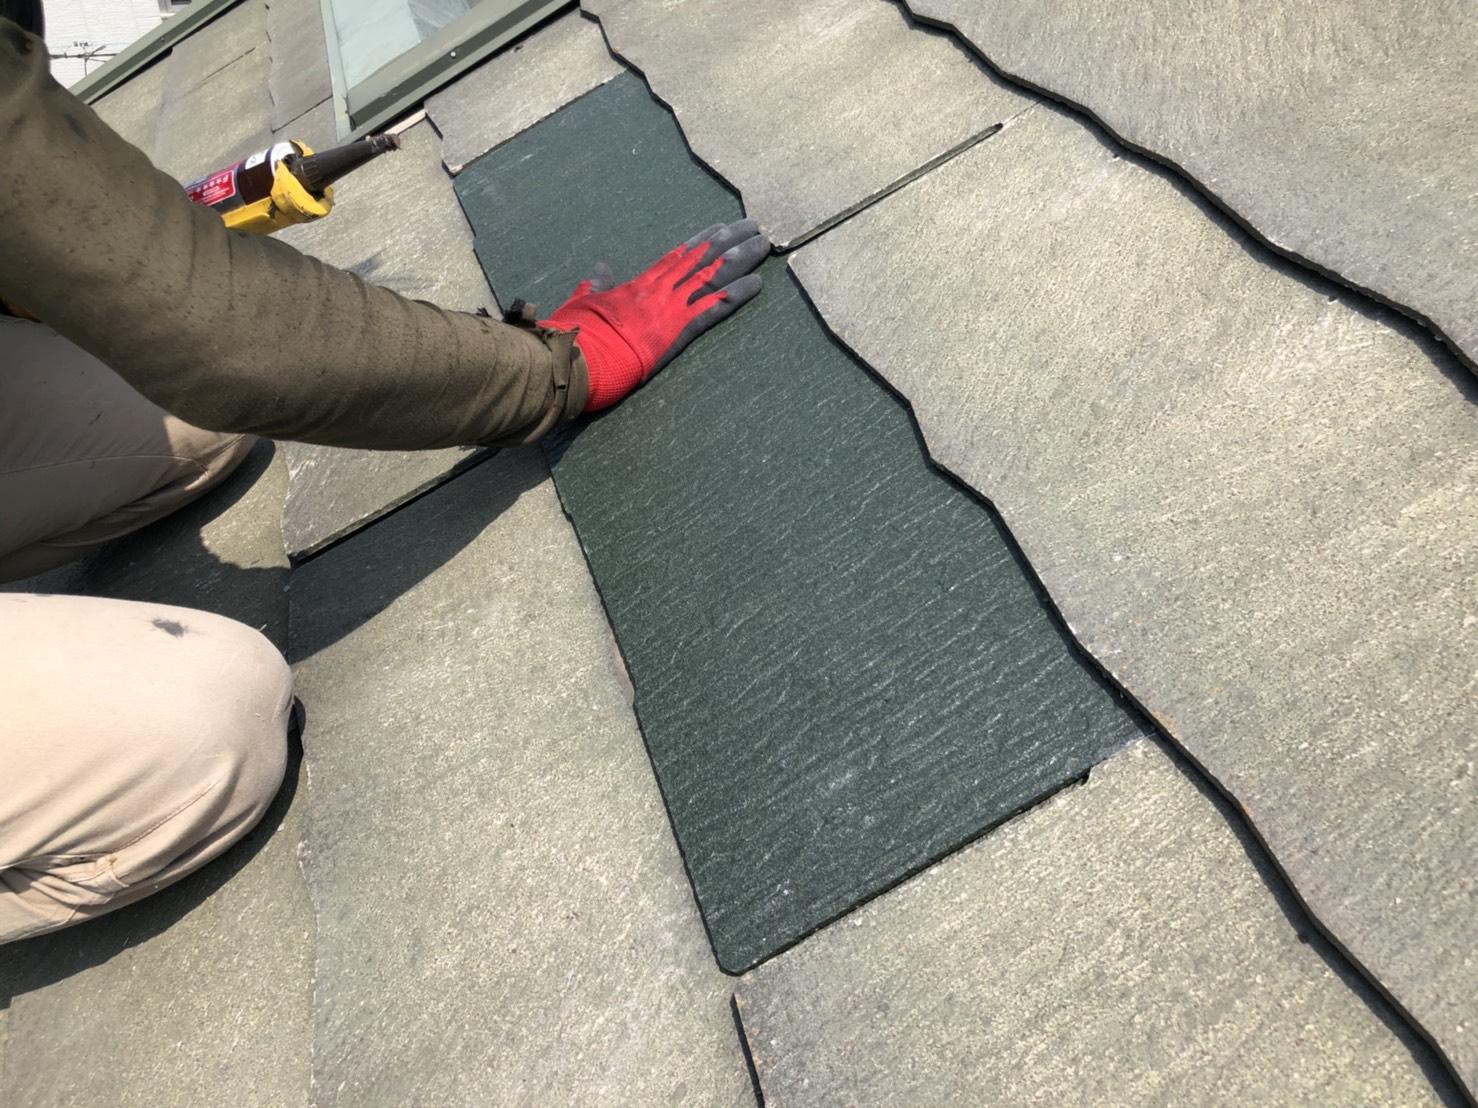 播磨町でひび割れたスレート屋根の差し替えが完了した様子